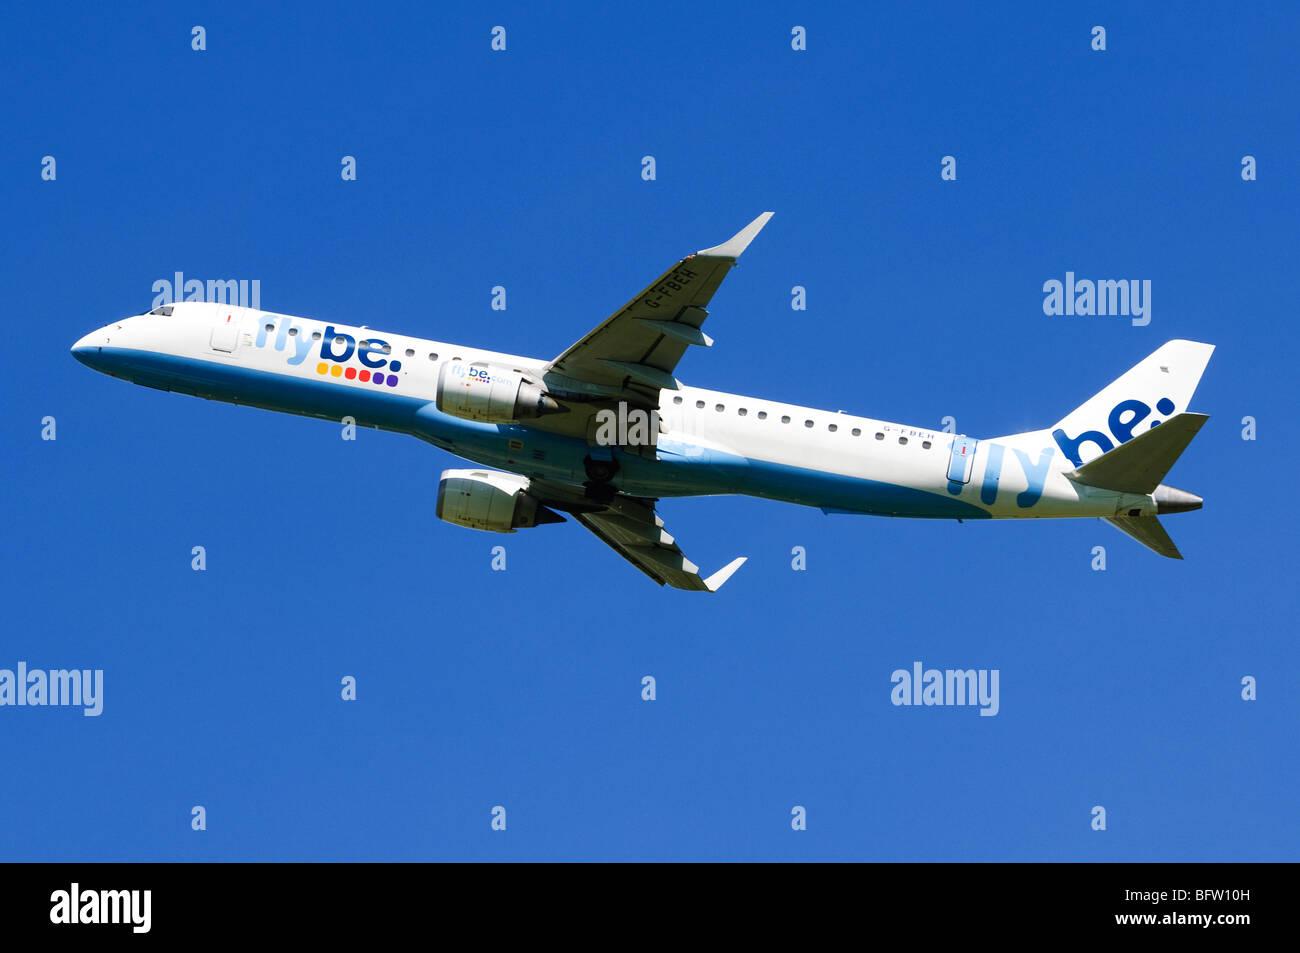 Embraer ERJ-190 betrieben von Flybe klettern Sie aus nehmen Sie am Flughafen Birmingham, UK. Stockbild